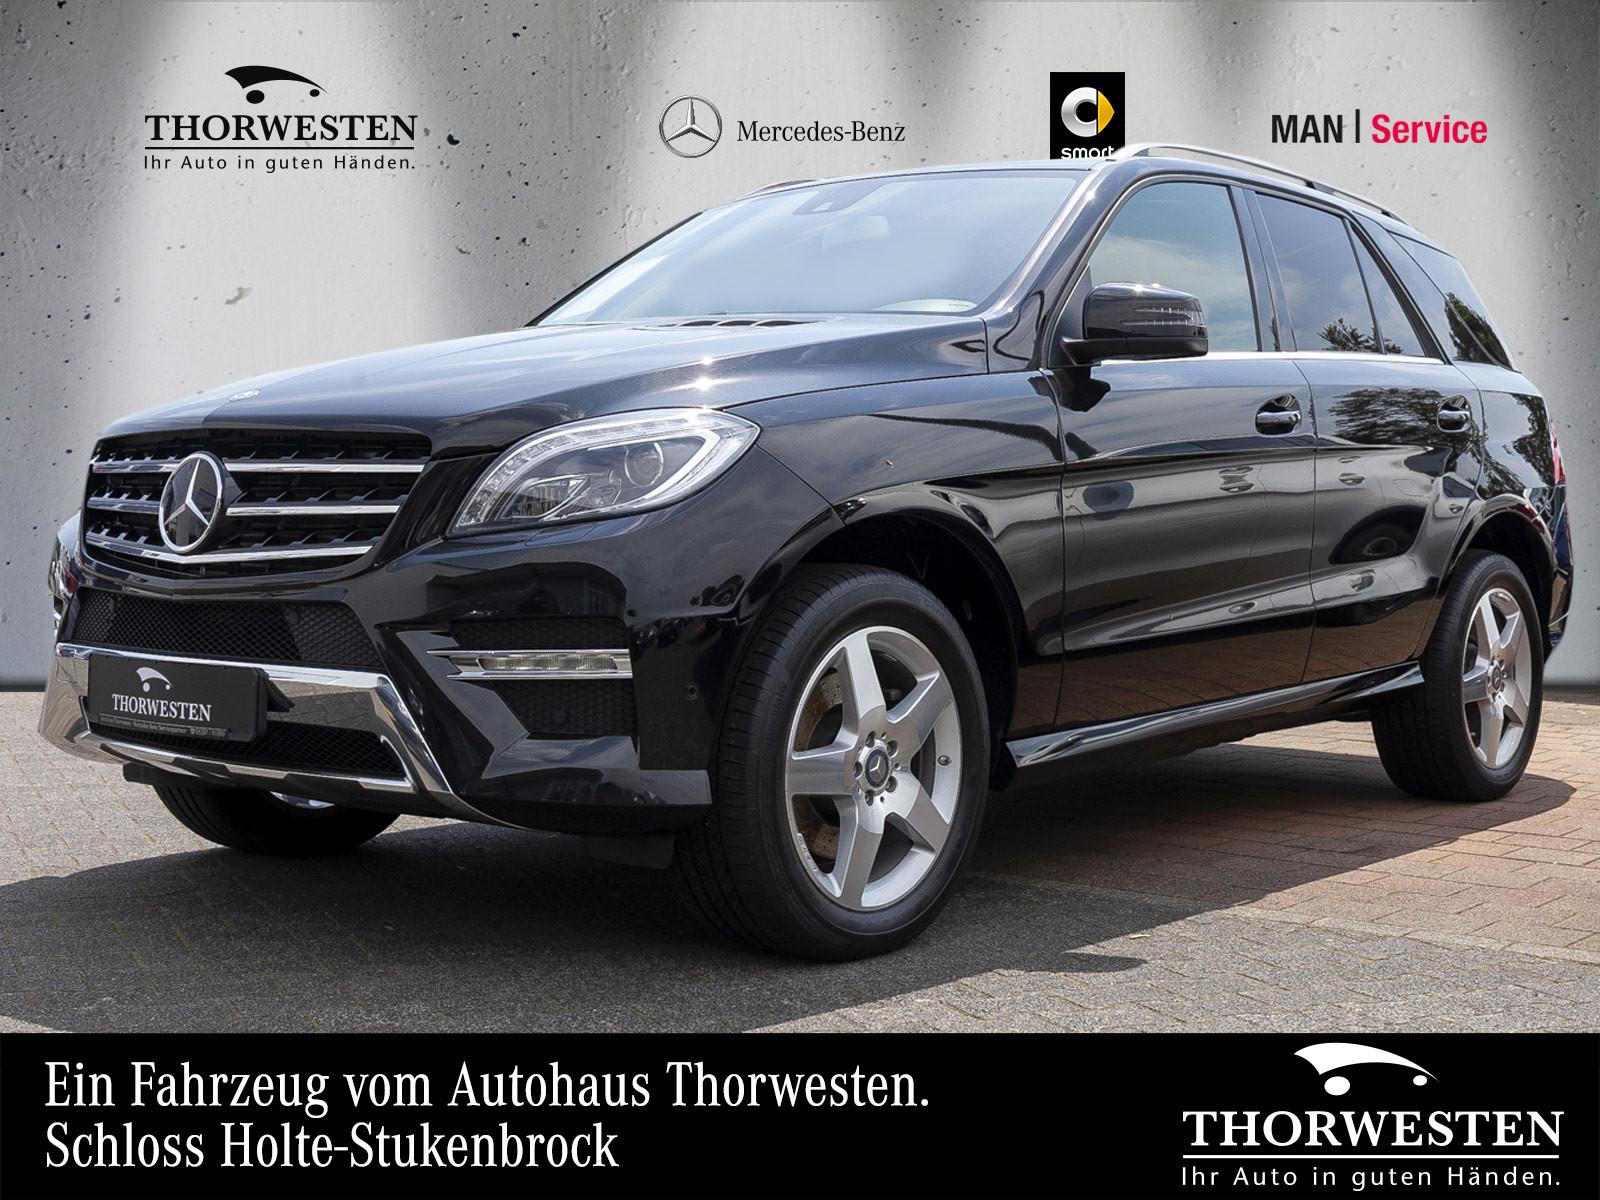 Mercedes-Benz ML 350 BlueTEC 4M AHK/COMAND/XENON/DISTR+/SD, Jahr 2015, Diesel